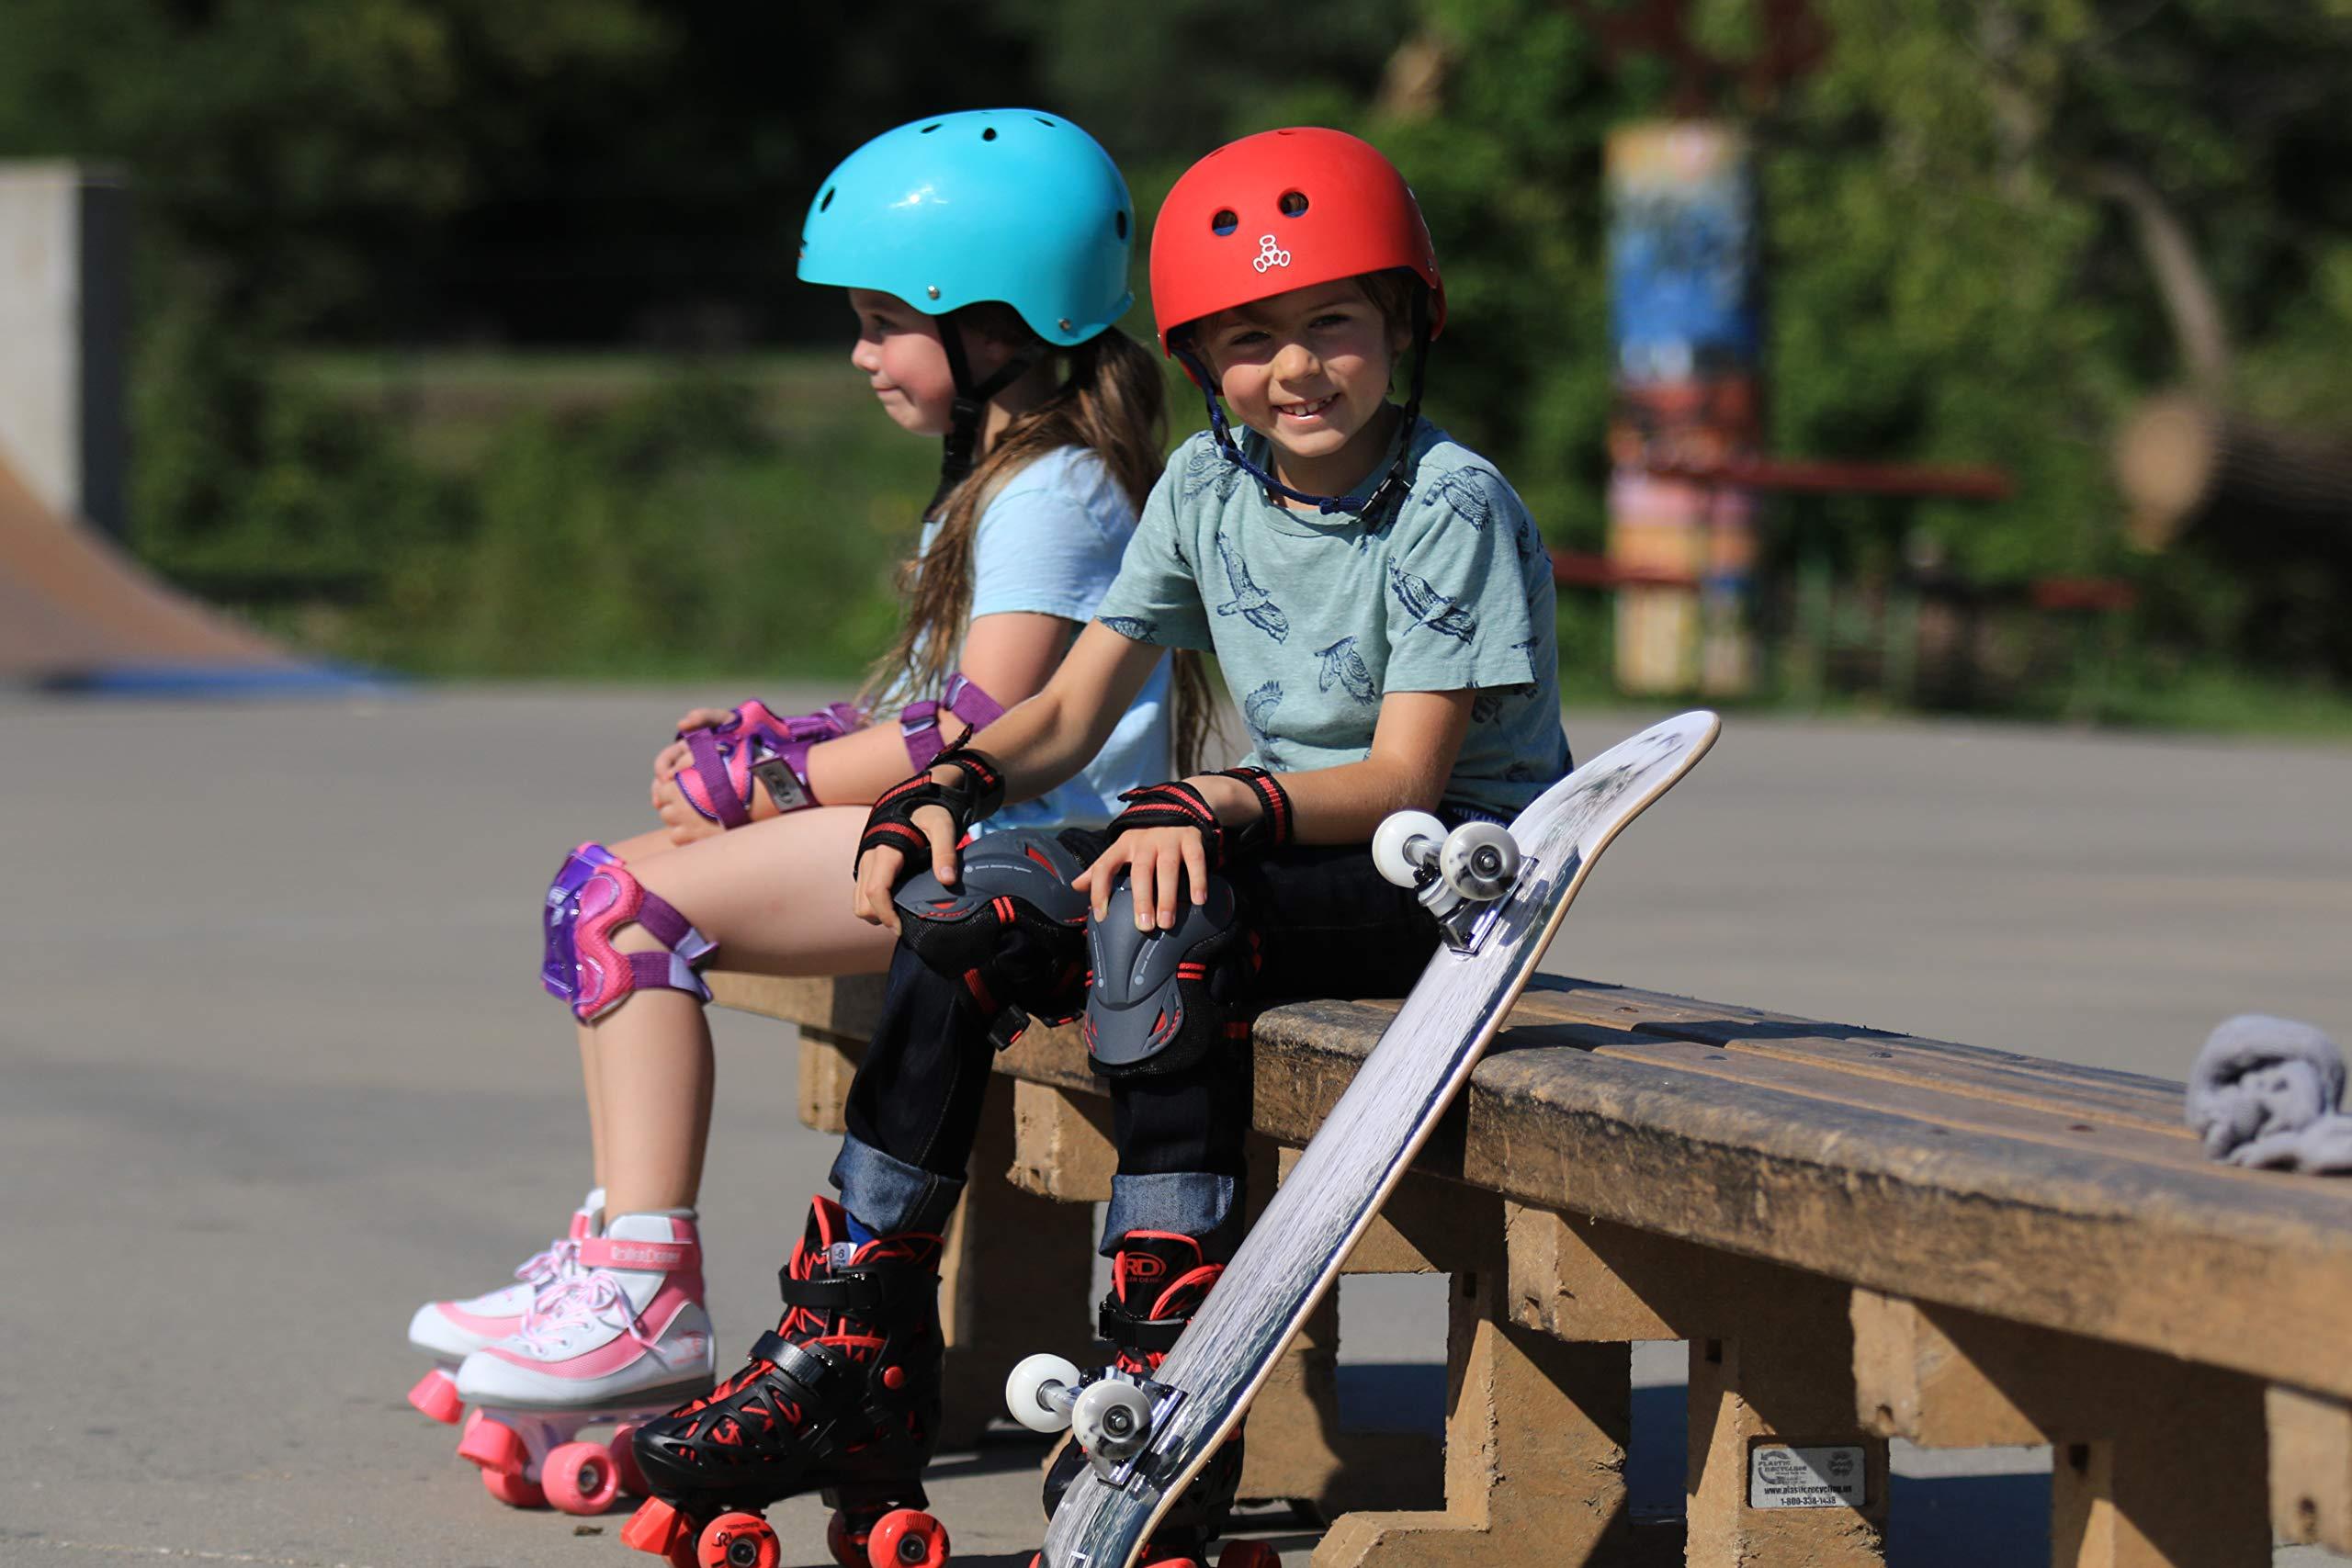 Roller Derby Trac Star Boy's Adjustable Roller Skate, Grey/Black/Red, Large (3-6) by Roller Derby (Image #6)